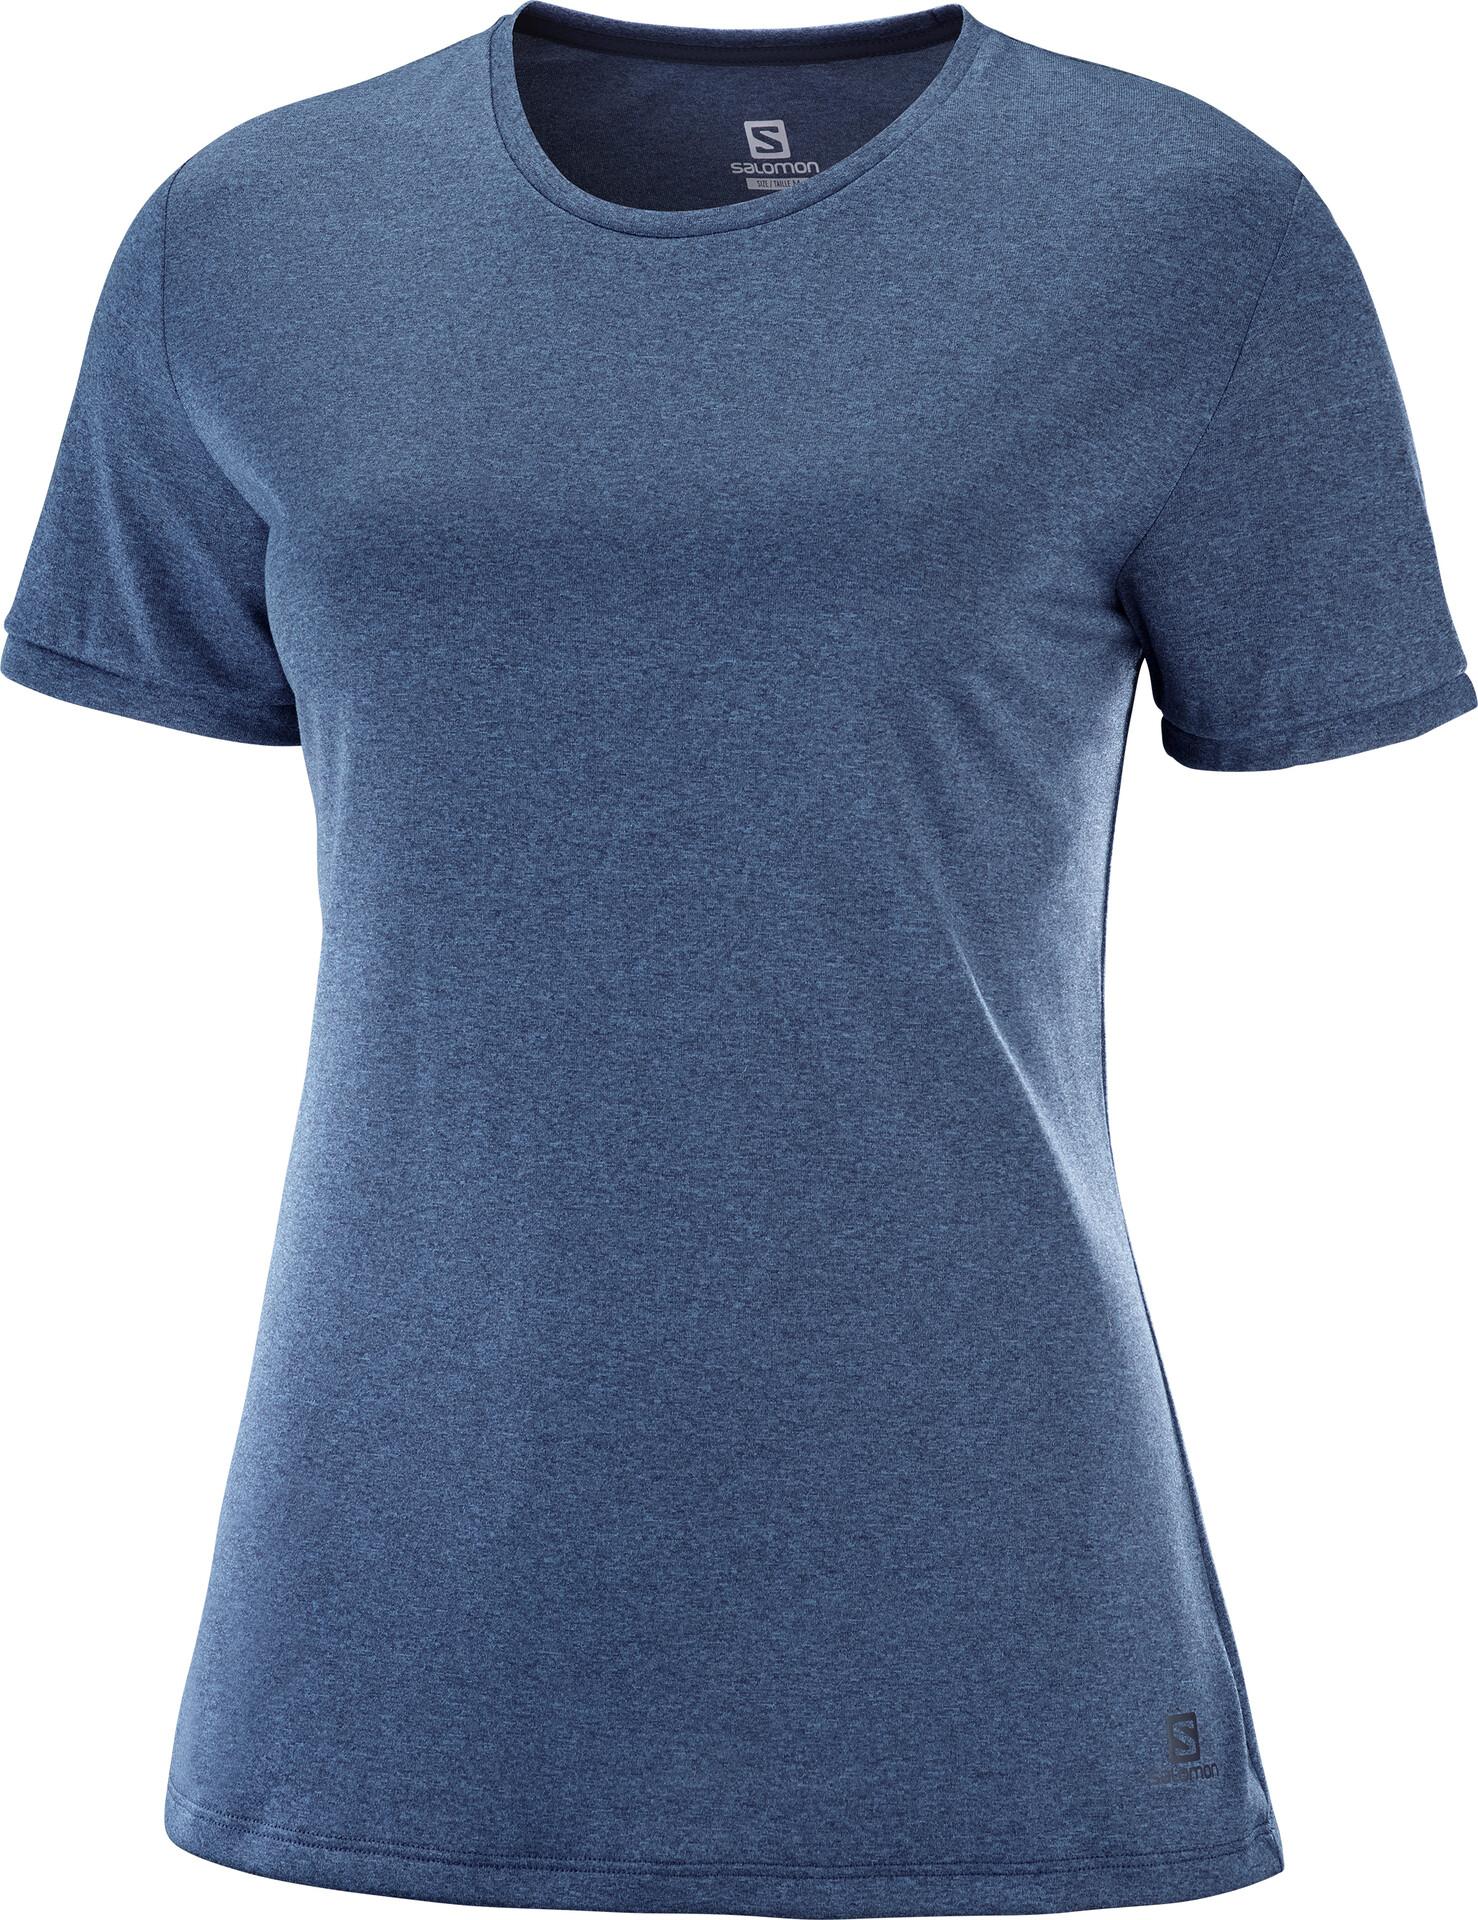 Salomon Comet Classic T shirt manches courtes Femme blanc